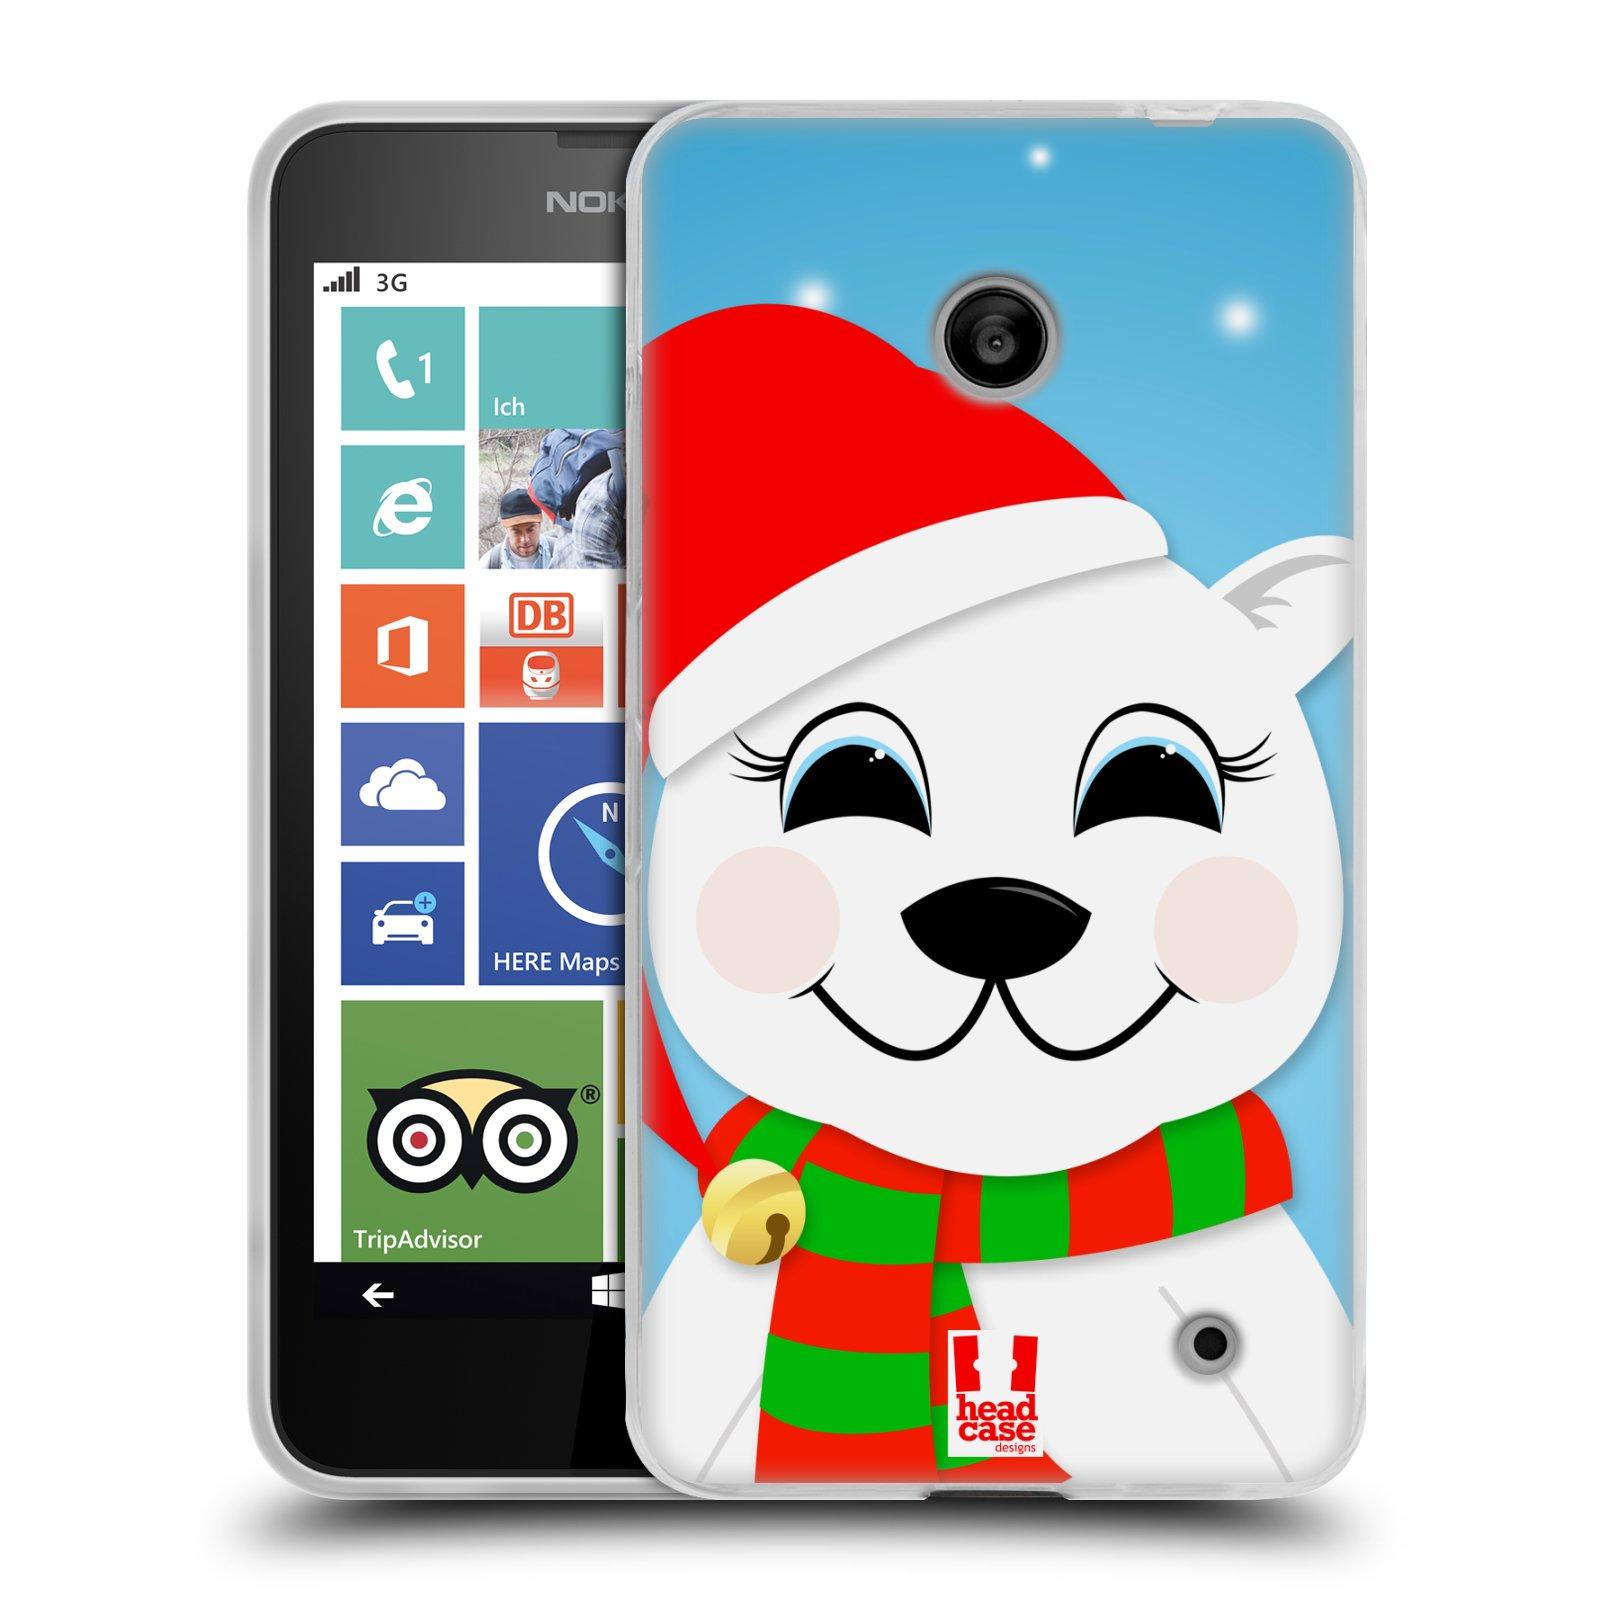 Silikonové pouzdro na mobil Nokia Lumia 630 HEAD CASE VÁNOCE POLÁRNÍ MÉĎA (Silikonový kryt či obal na mobilní telefon Nokia Lumia 630 a Nokia Lumia 630 Dual SIM)